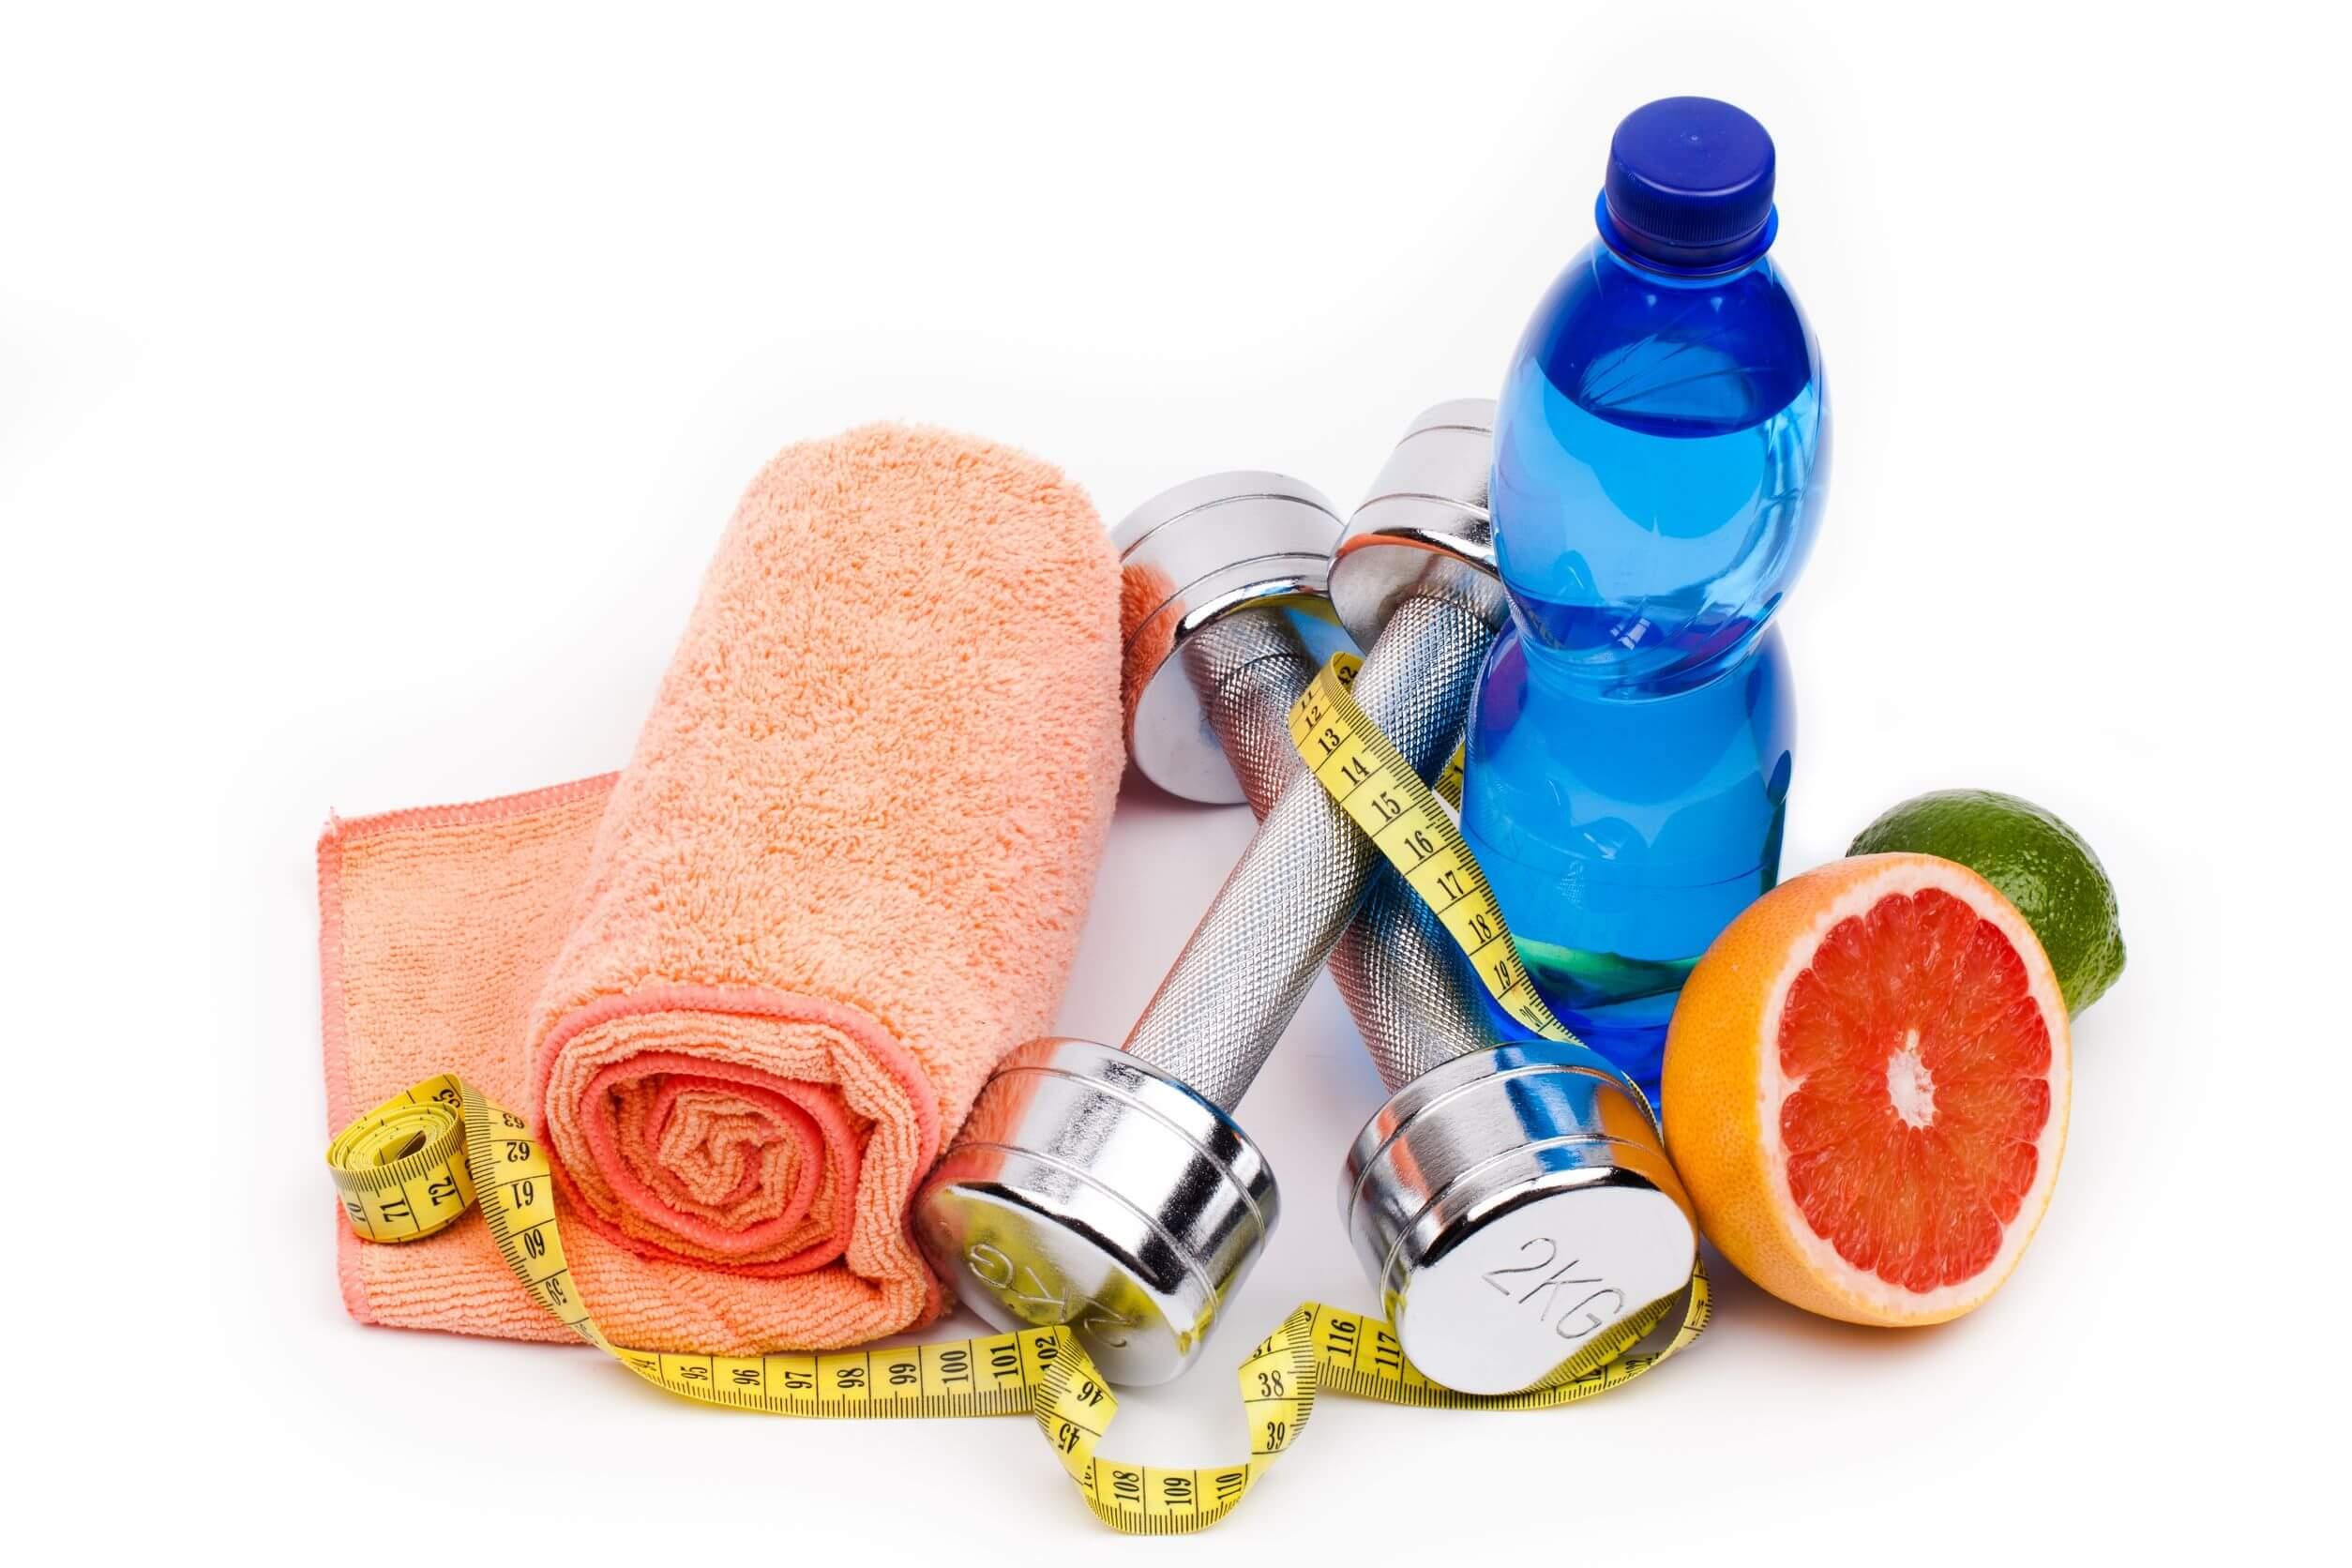 La alimentación para ir al gimnasio debe ser saludable.